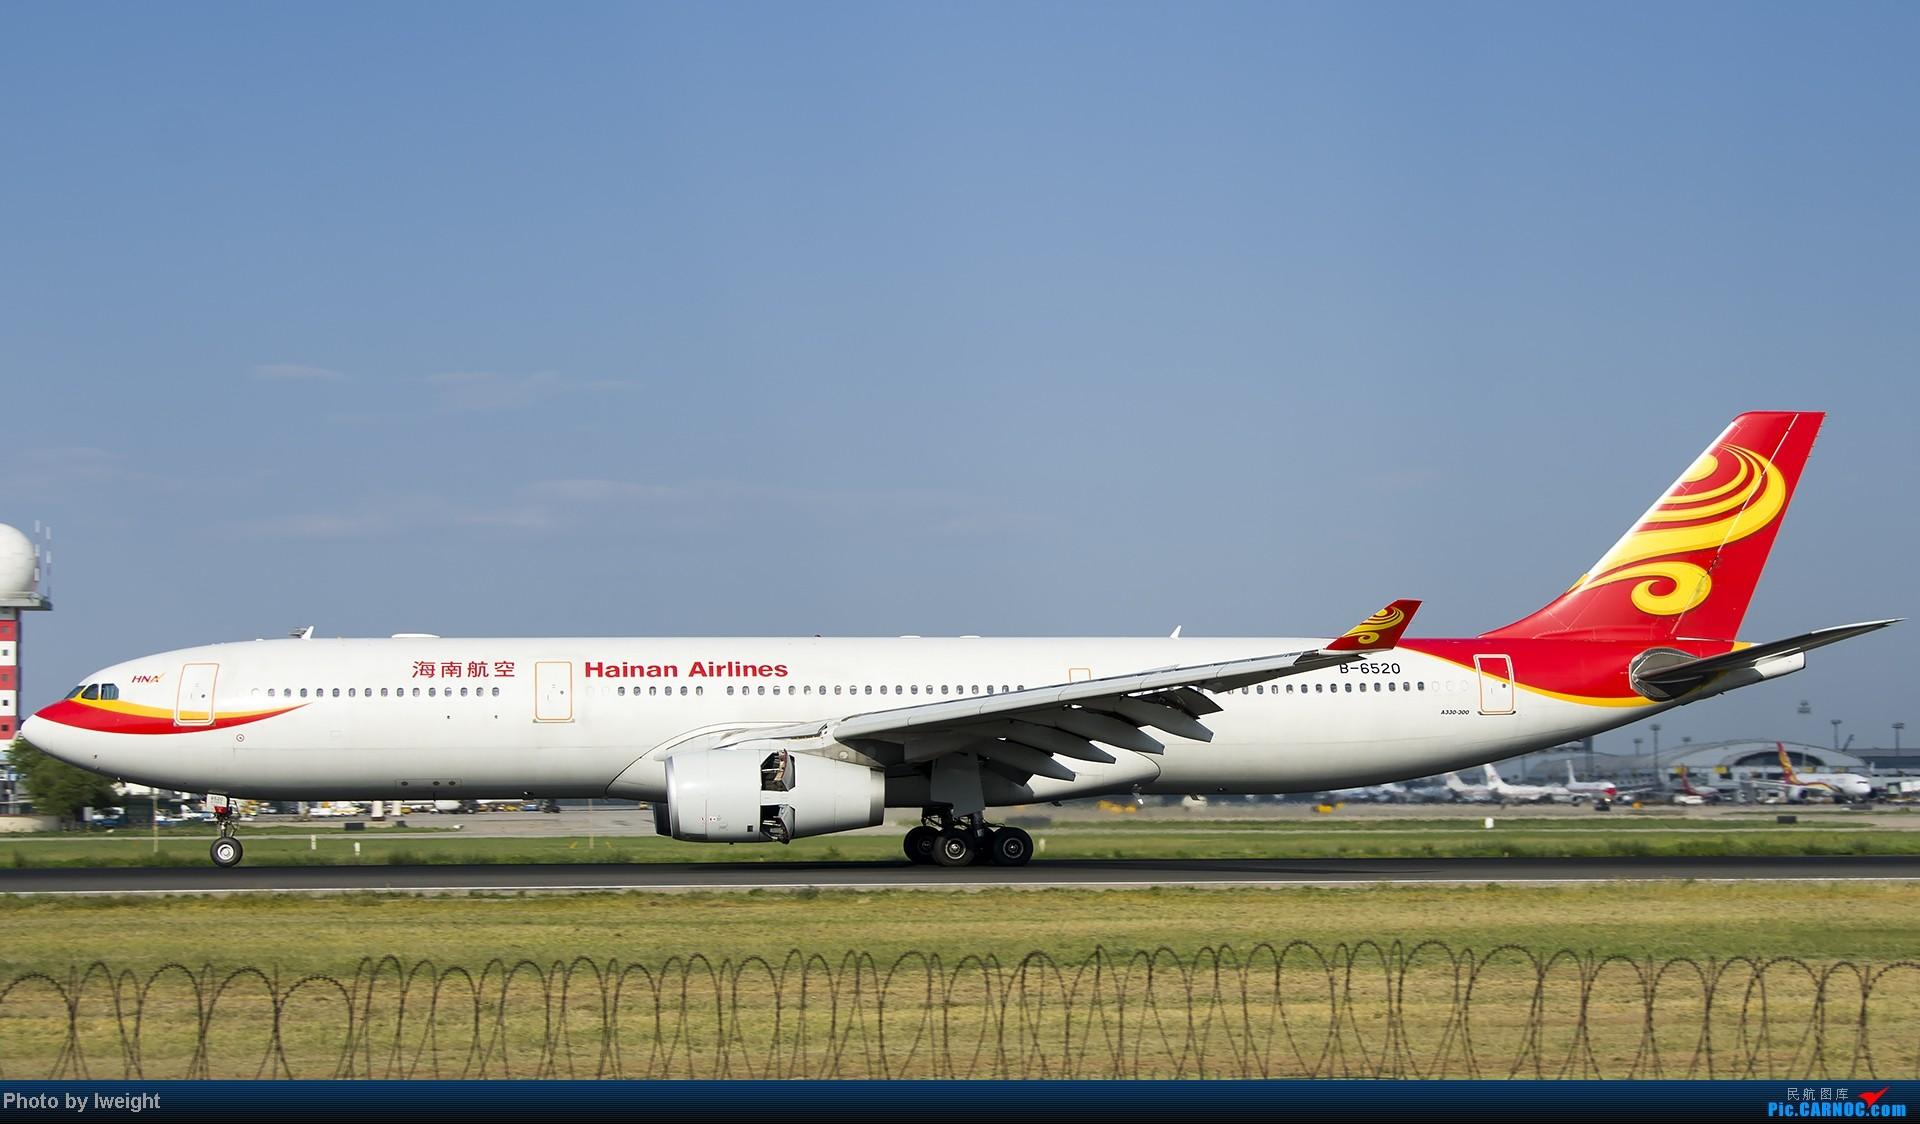 Re:[原创]酷暑周末拍遍PEK三条跑道,收获众多常见机型 AIRBUS A330-300 B-6520 中国北京首都机场